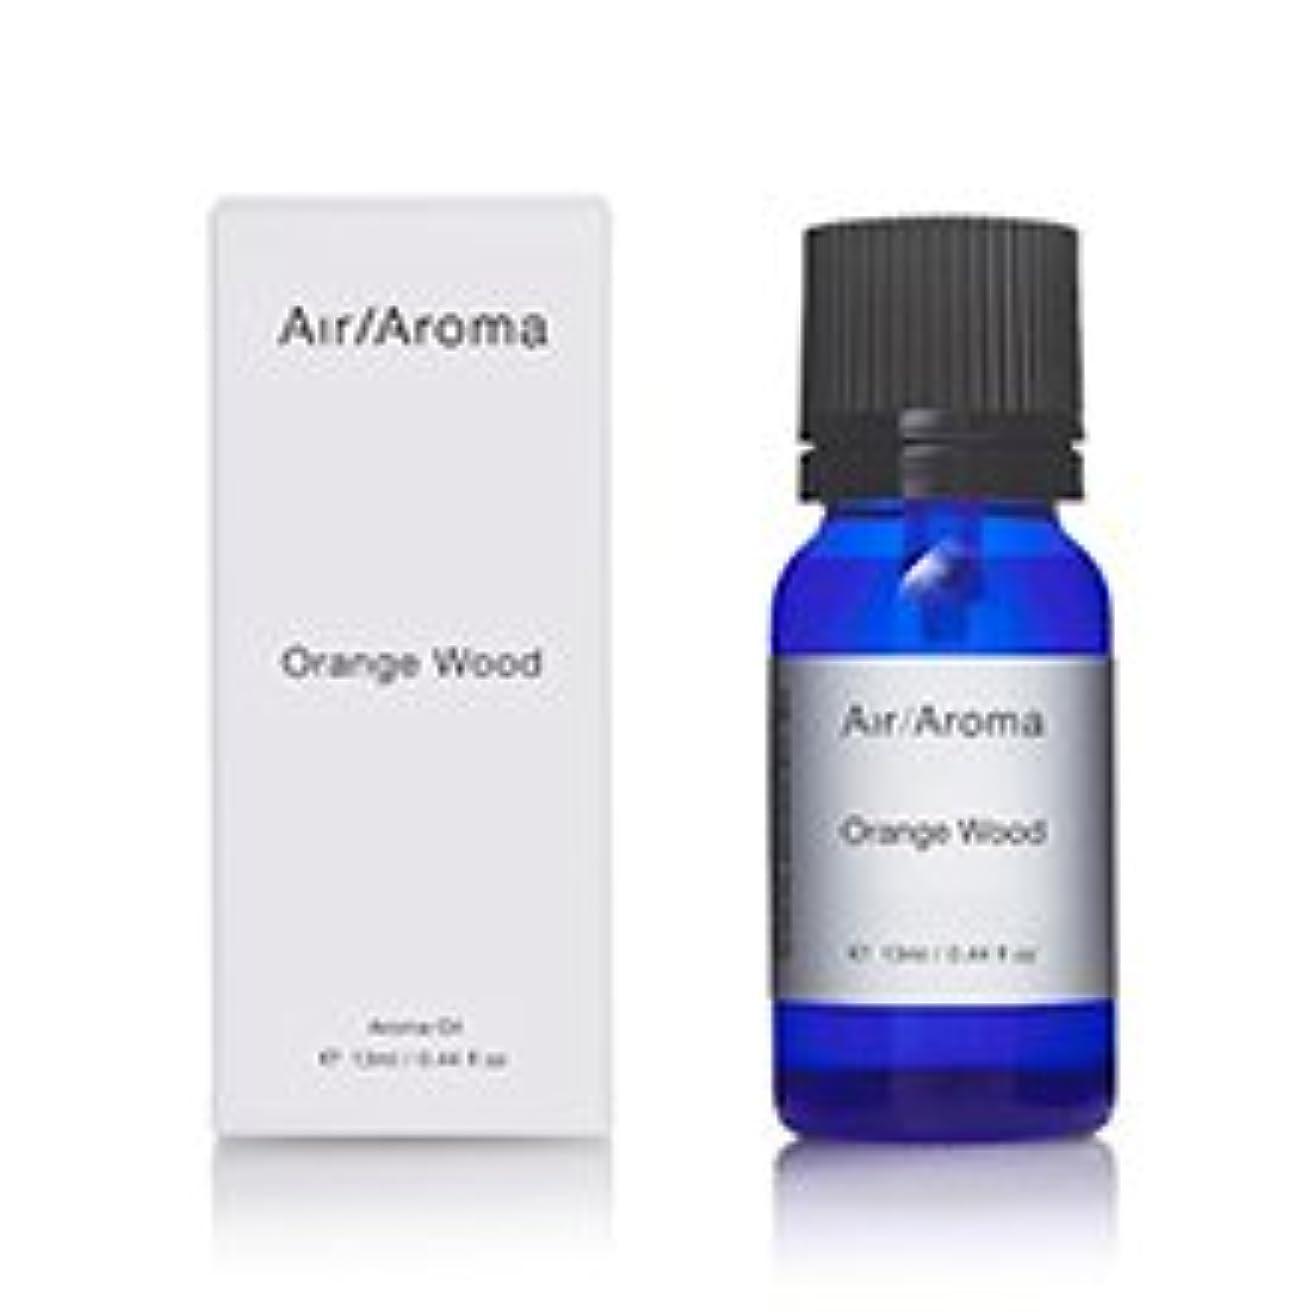 スペクトラム一致するハンディキャップエアアロマ orange wood(オレンジウッド)13ml